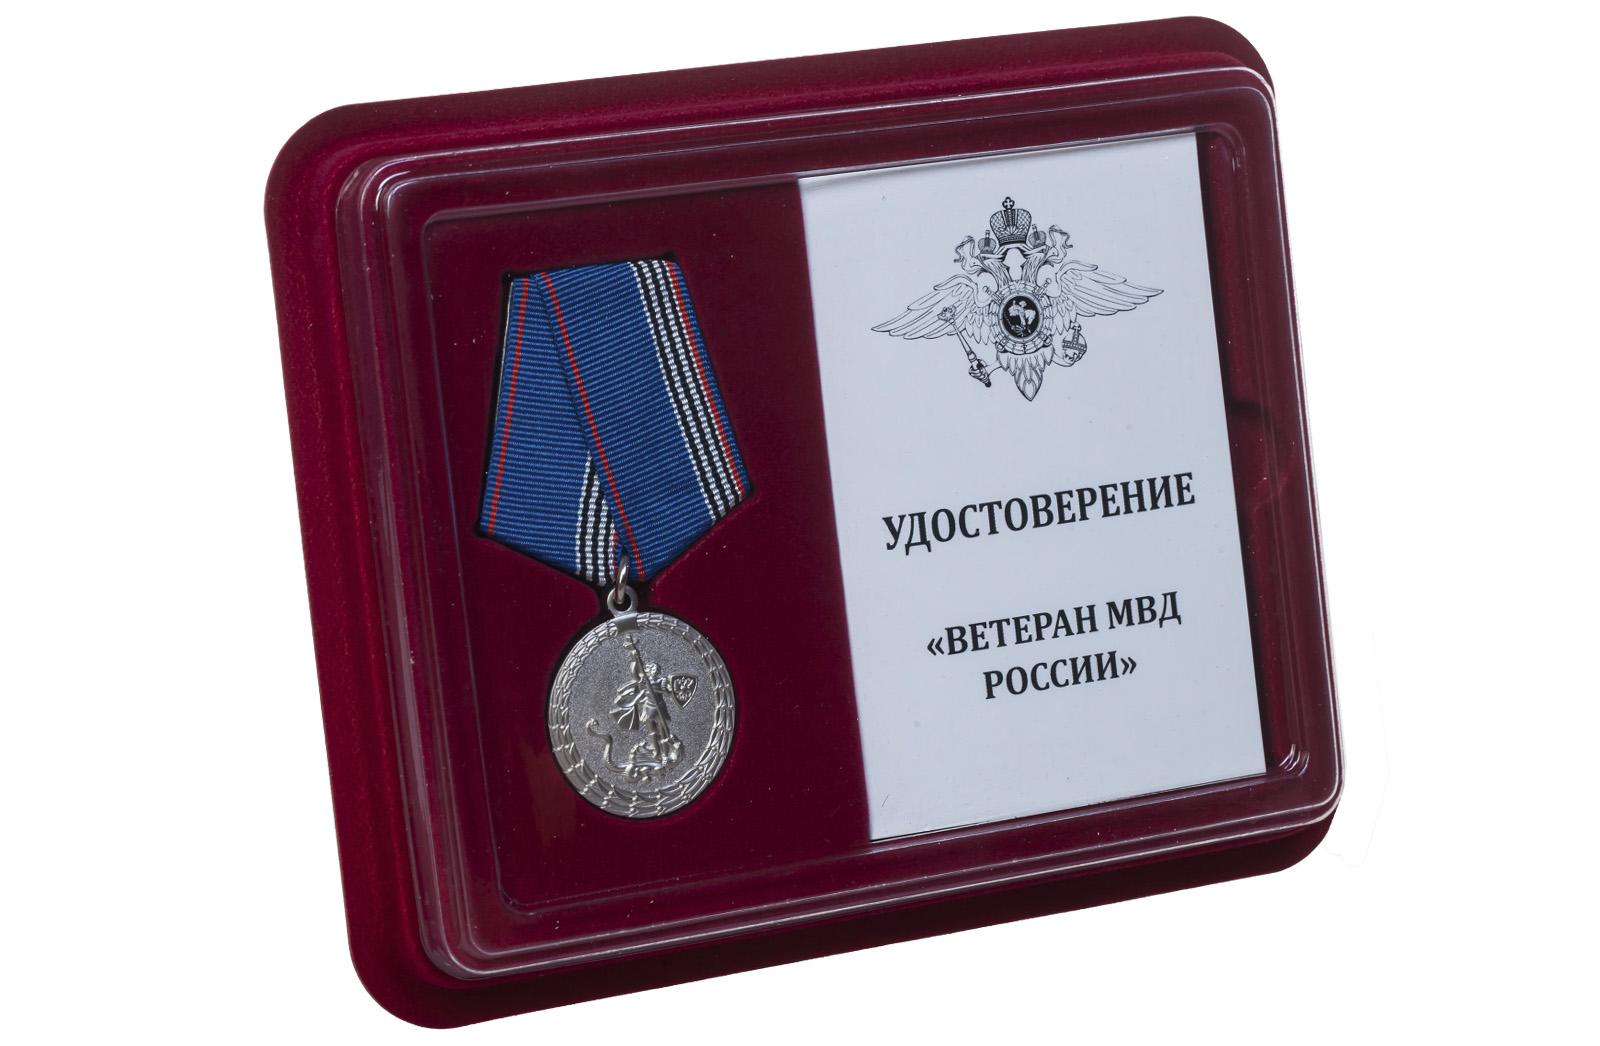 Медаль для ветеранов МВД в наградном футляре